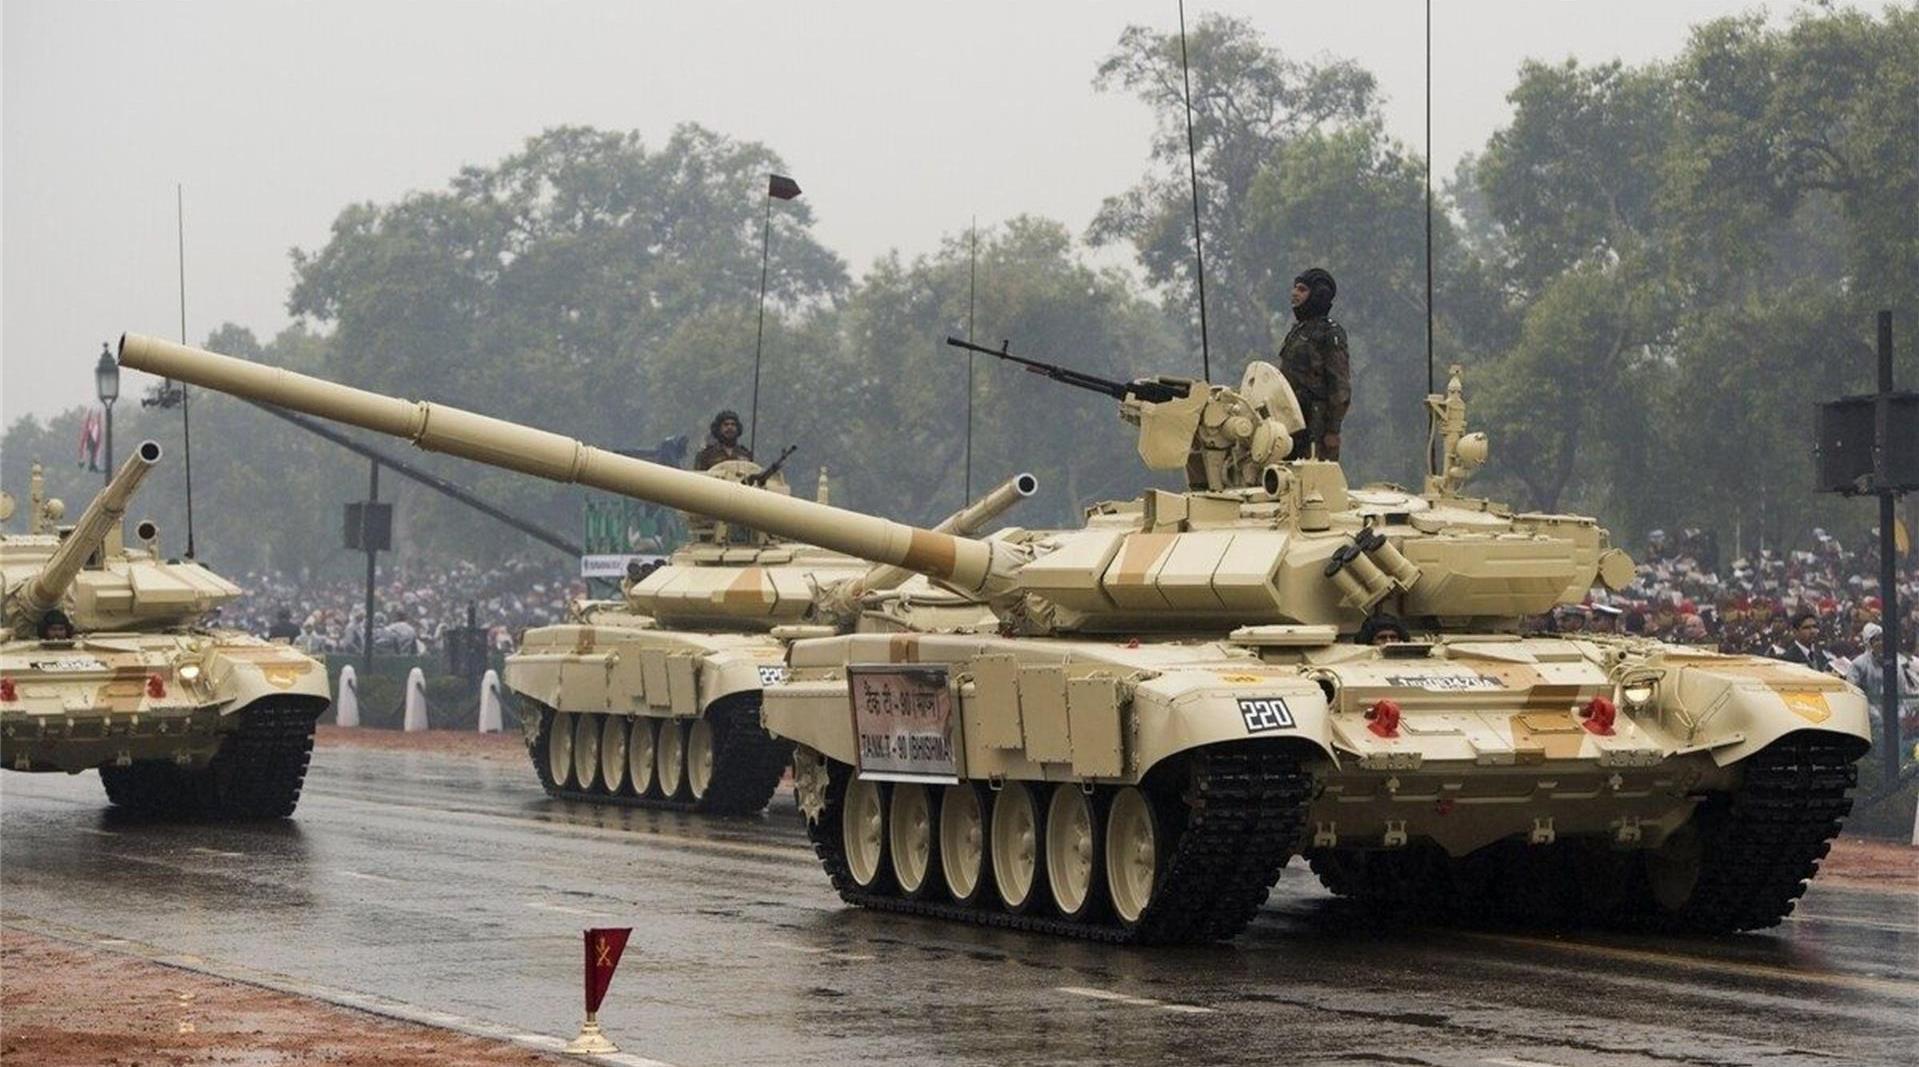 接连获得4国力挺后,印度不顾后果挑衅邻国,大批军火在赶来路上